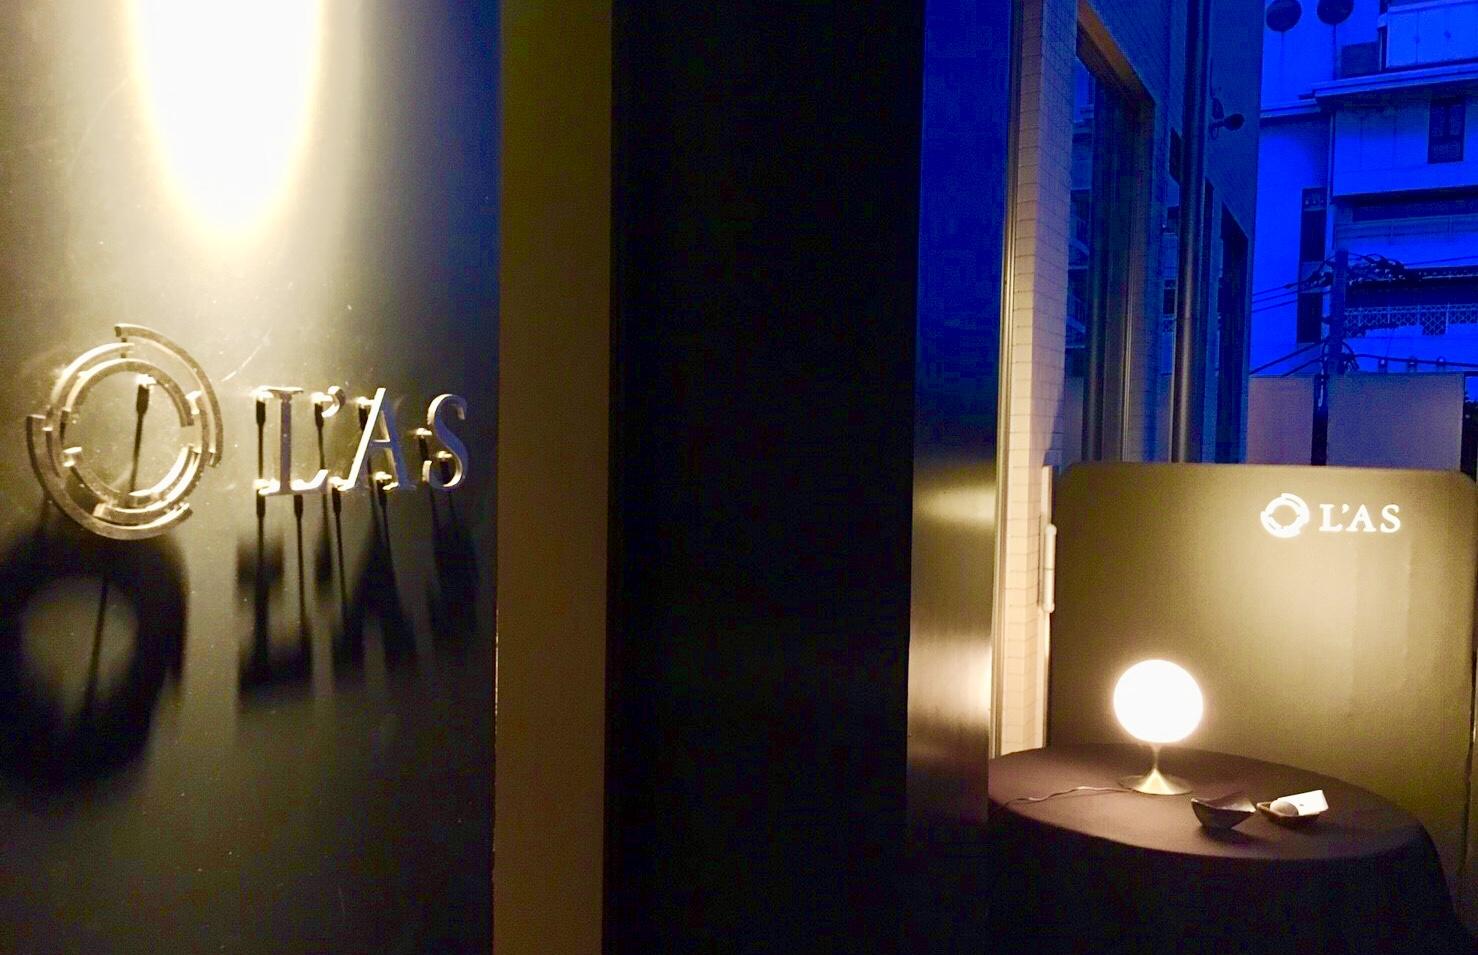 L'ASの入り口の画像